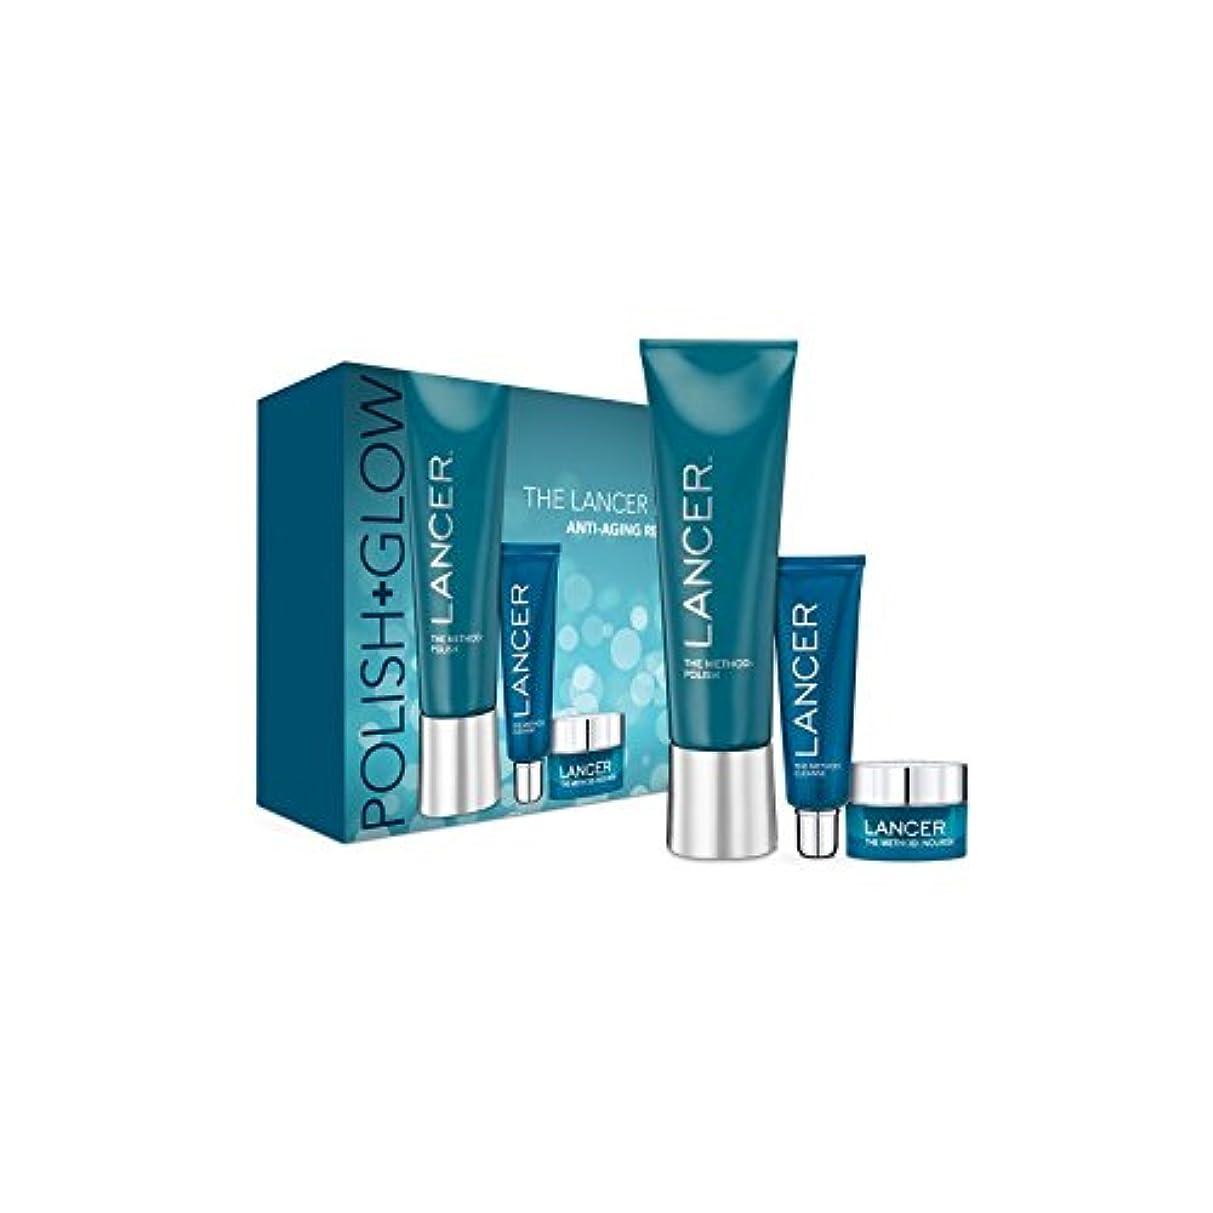 パリティ危機めまいがランサーは、この方法をスキンケア:ポリッシュ&グロー x4 - Lancer Skincare The Method: Polish & Glow (Pack of 4) [並行輸入品]